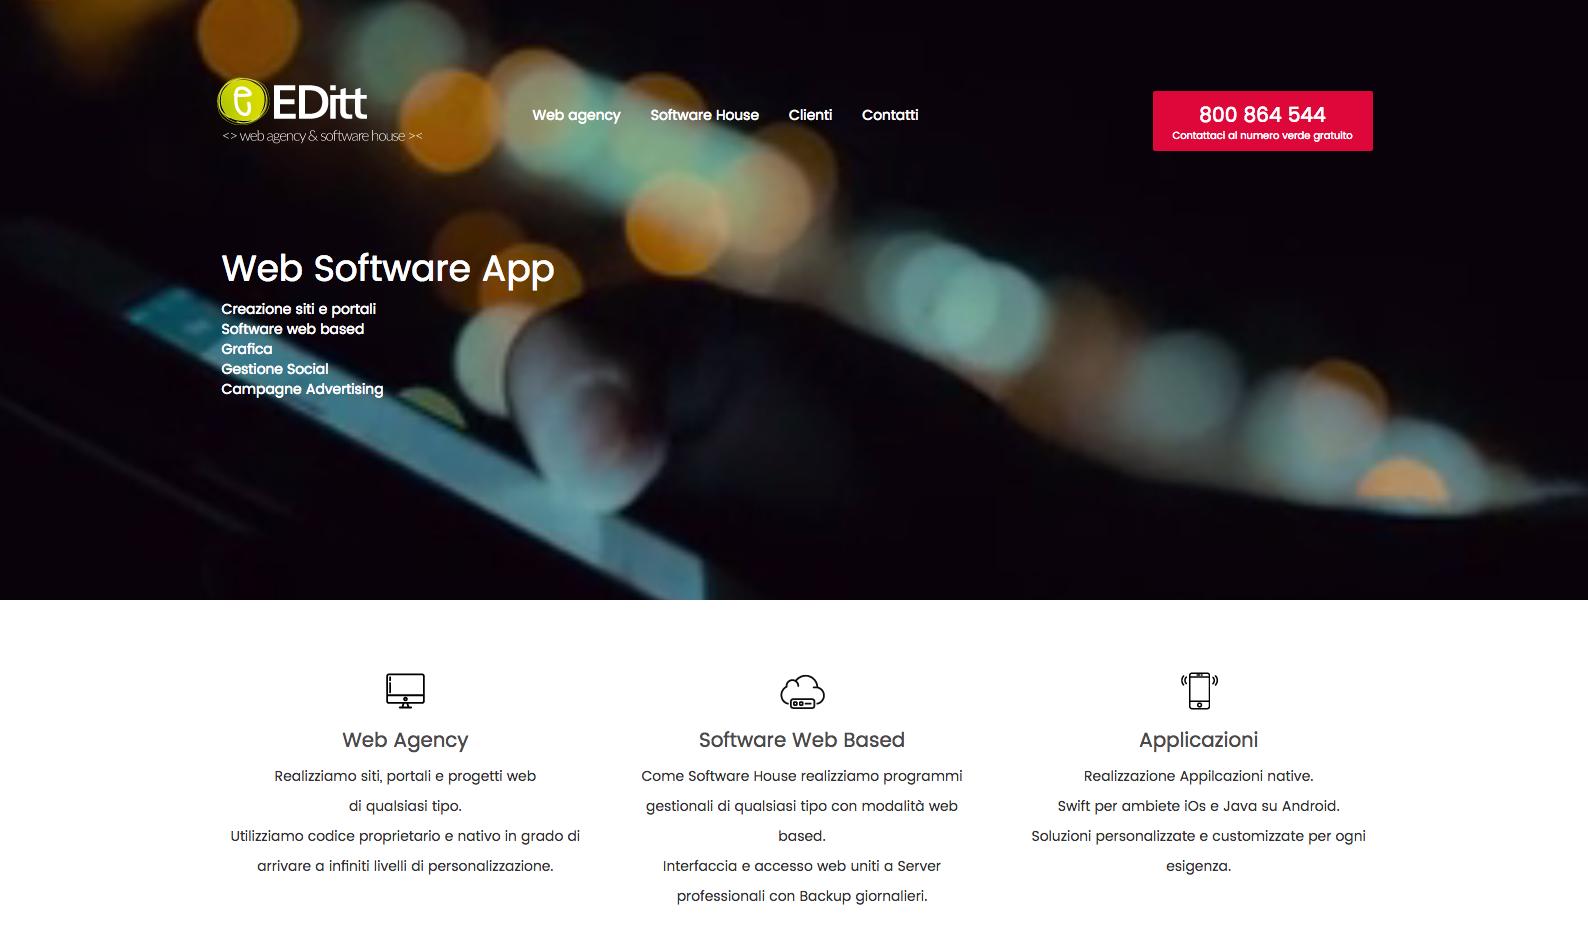 7214bfe227187 EDitt   Web agency - Software House - Sviluppo App   Roma e Italia